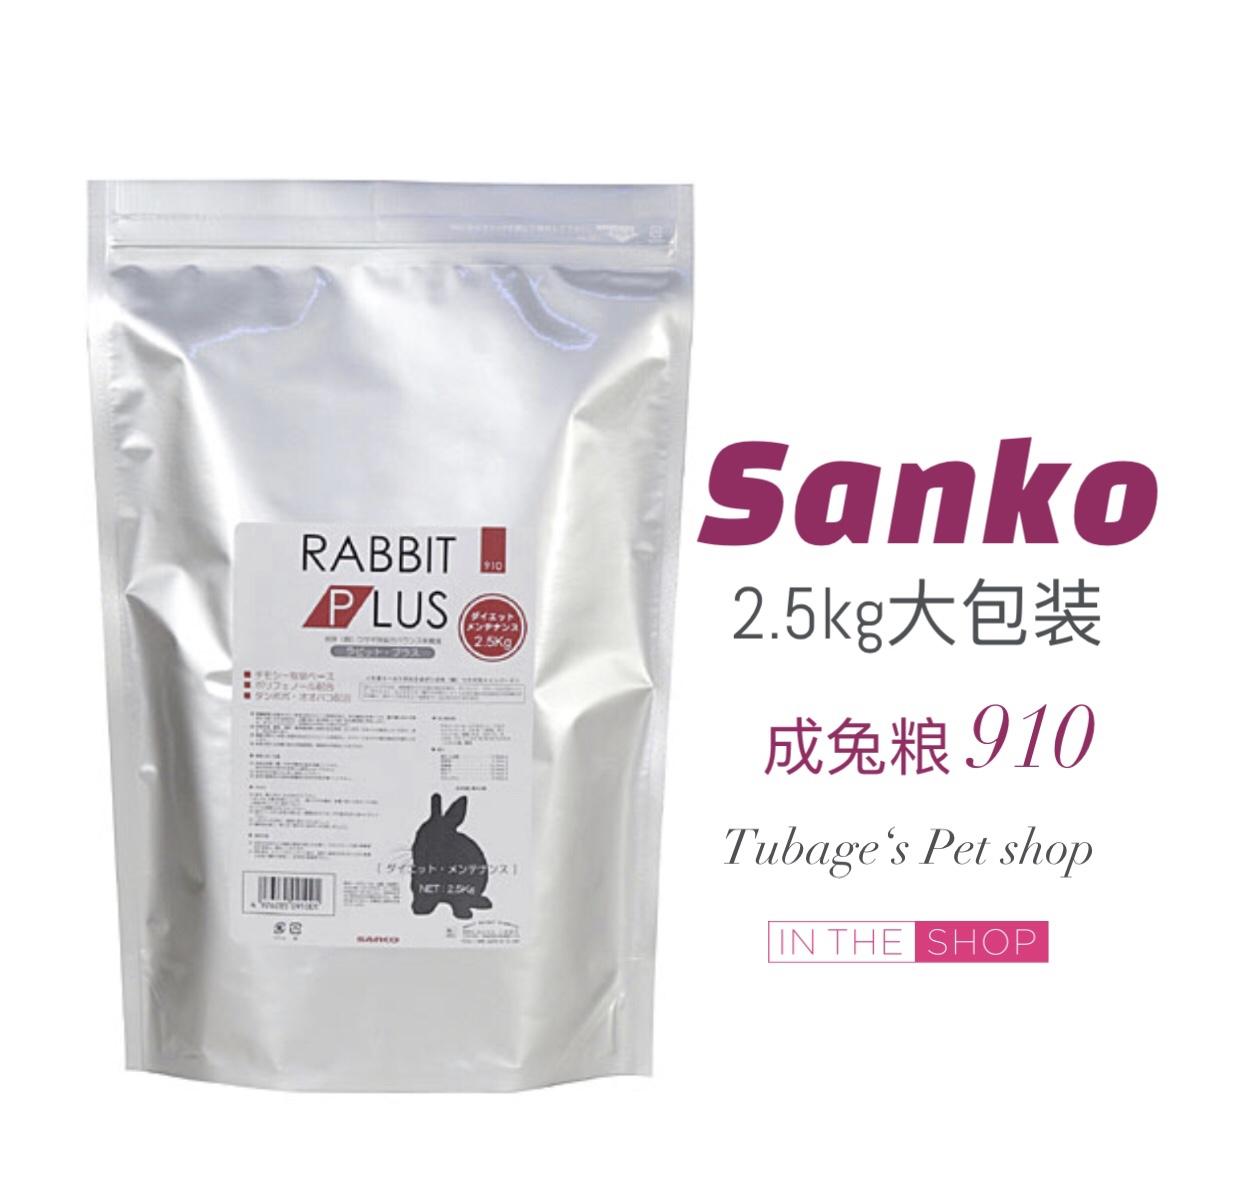 Спотовая Япония SANKO продукты высокой взрослой кролика зерна кролика зерна высоковолокнистая основная пища корма оригинальный импорт 25 кг